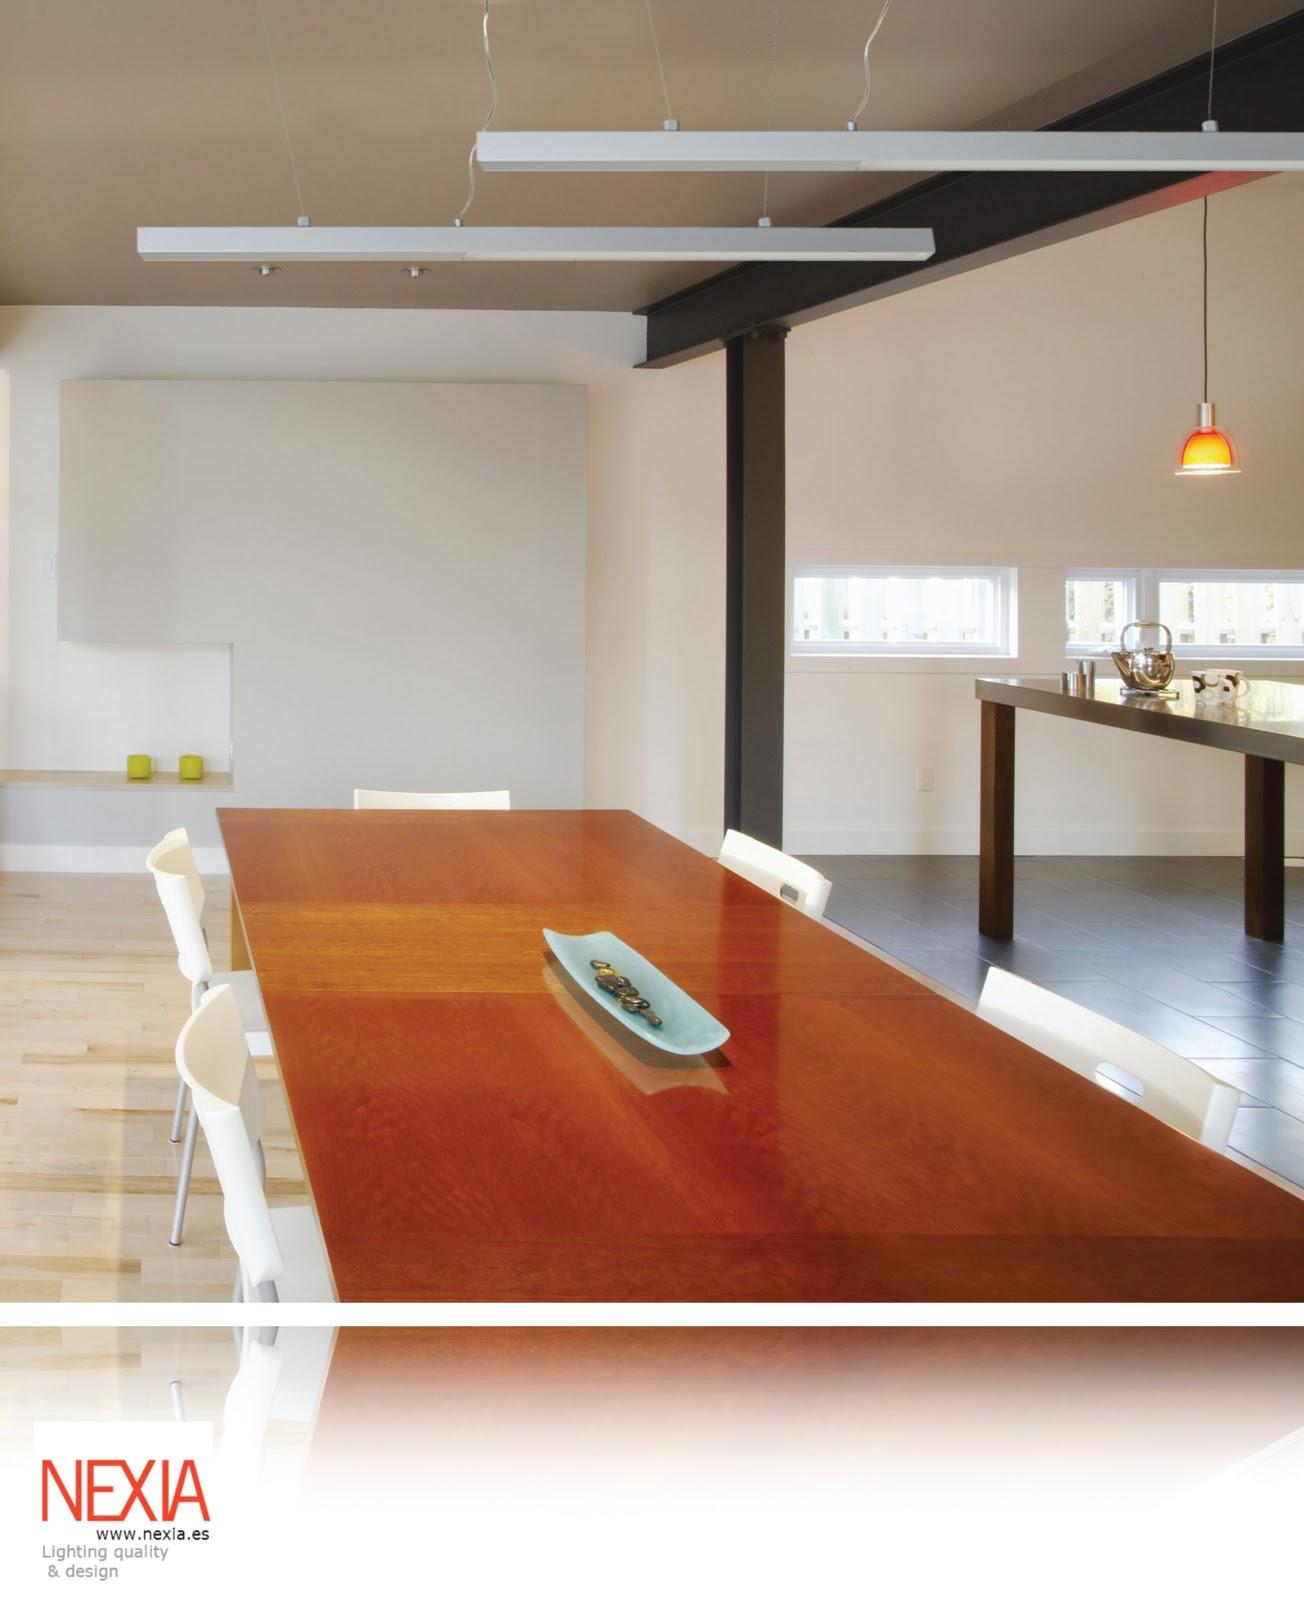 Pasos para cambiar a la iluminaci n led lovelighting by nexia - Iluminacion cocina fluorescente ...